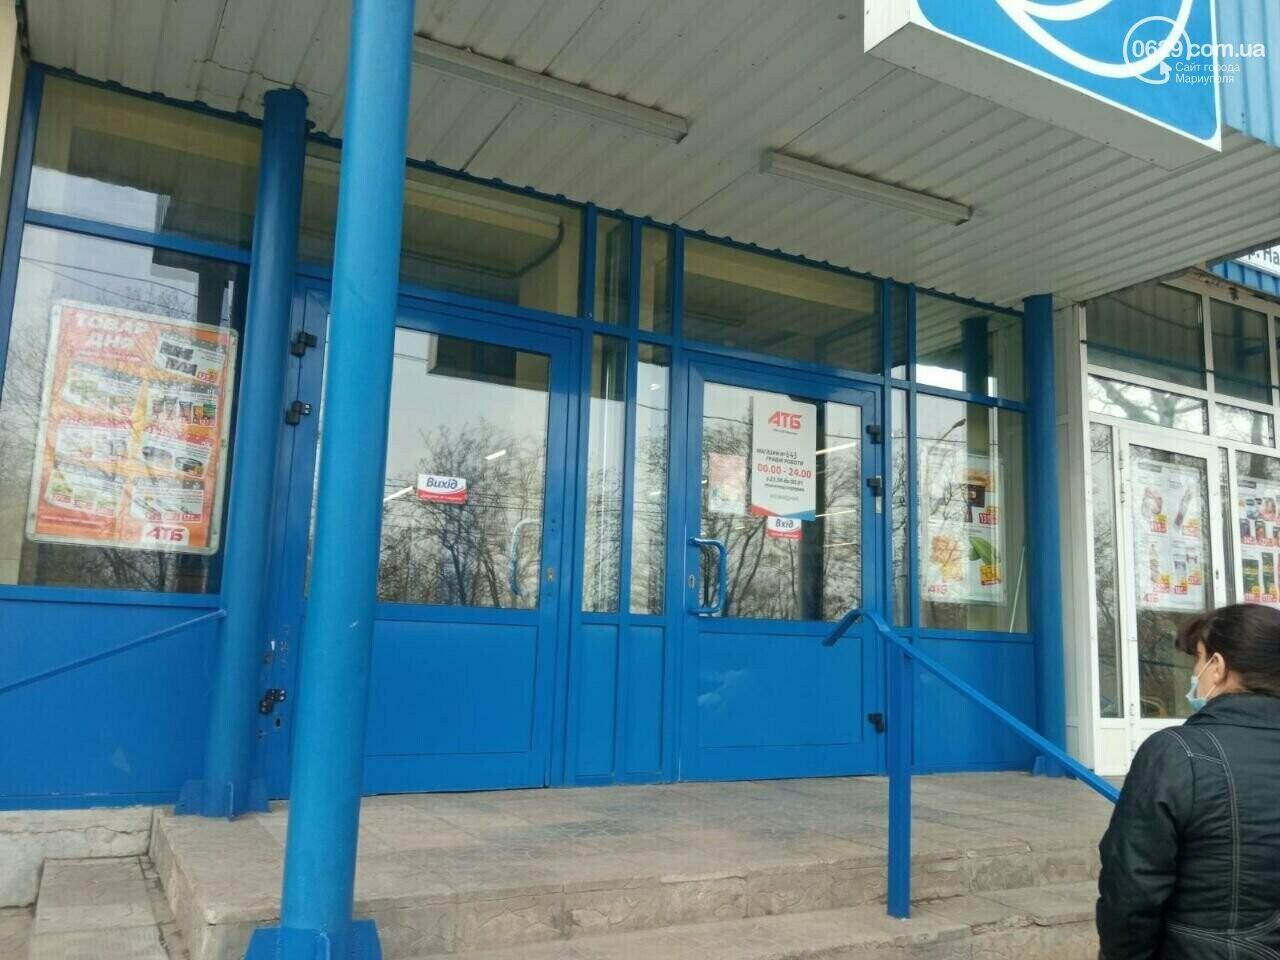 Мариупольца, разгромившего АТБ, задержали и отправили в СИЗО, - ФОТО, фото-3